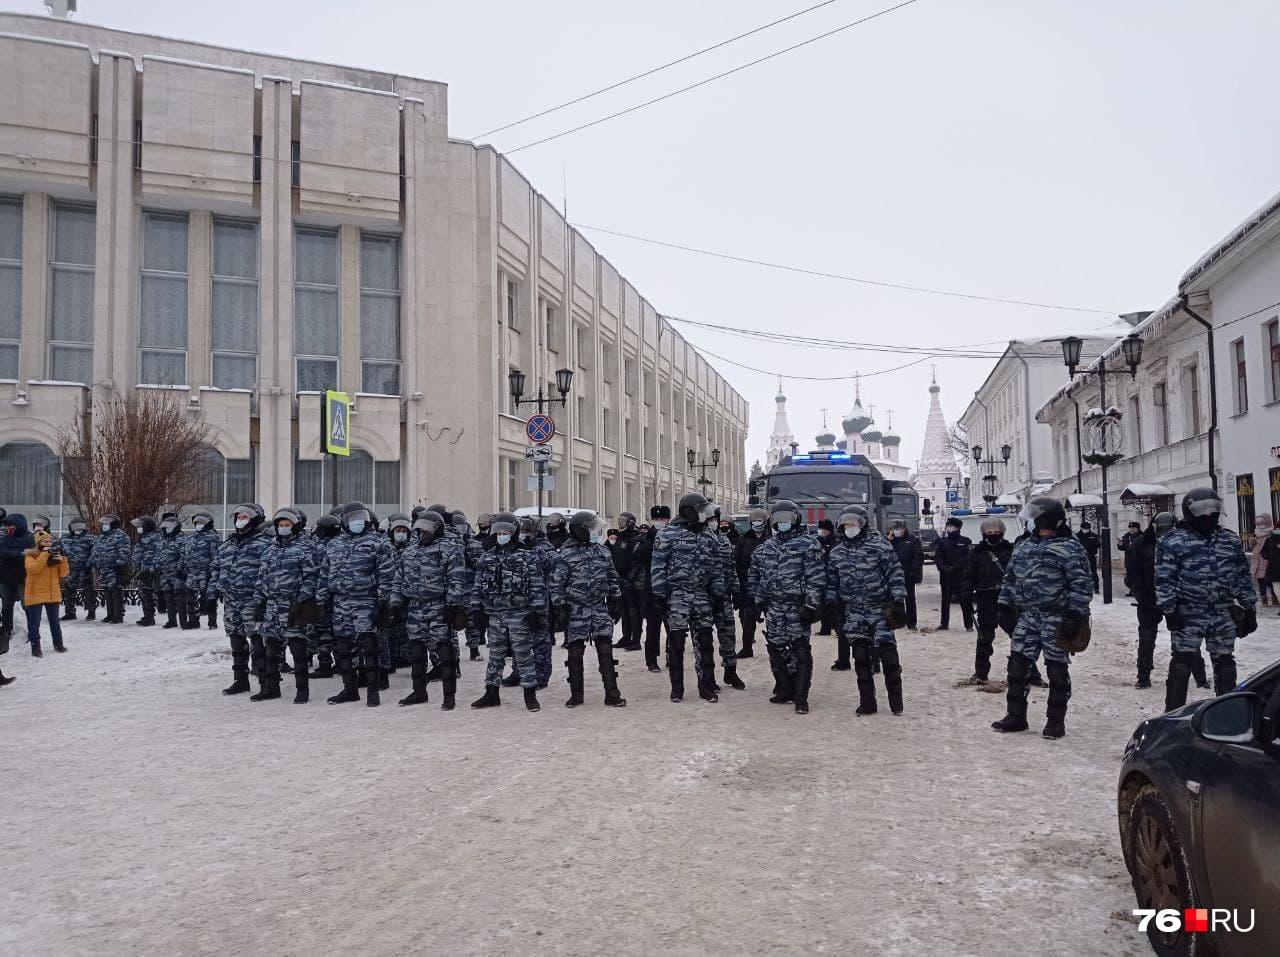 К протестной акции силовики подготовились хорошо. Все стояли в касках и масках